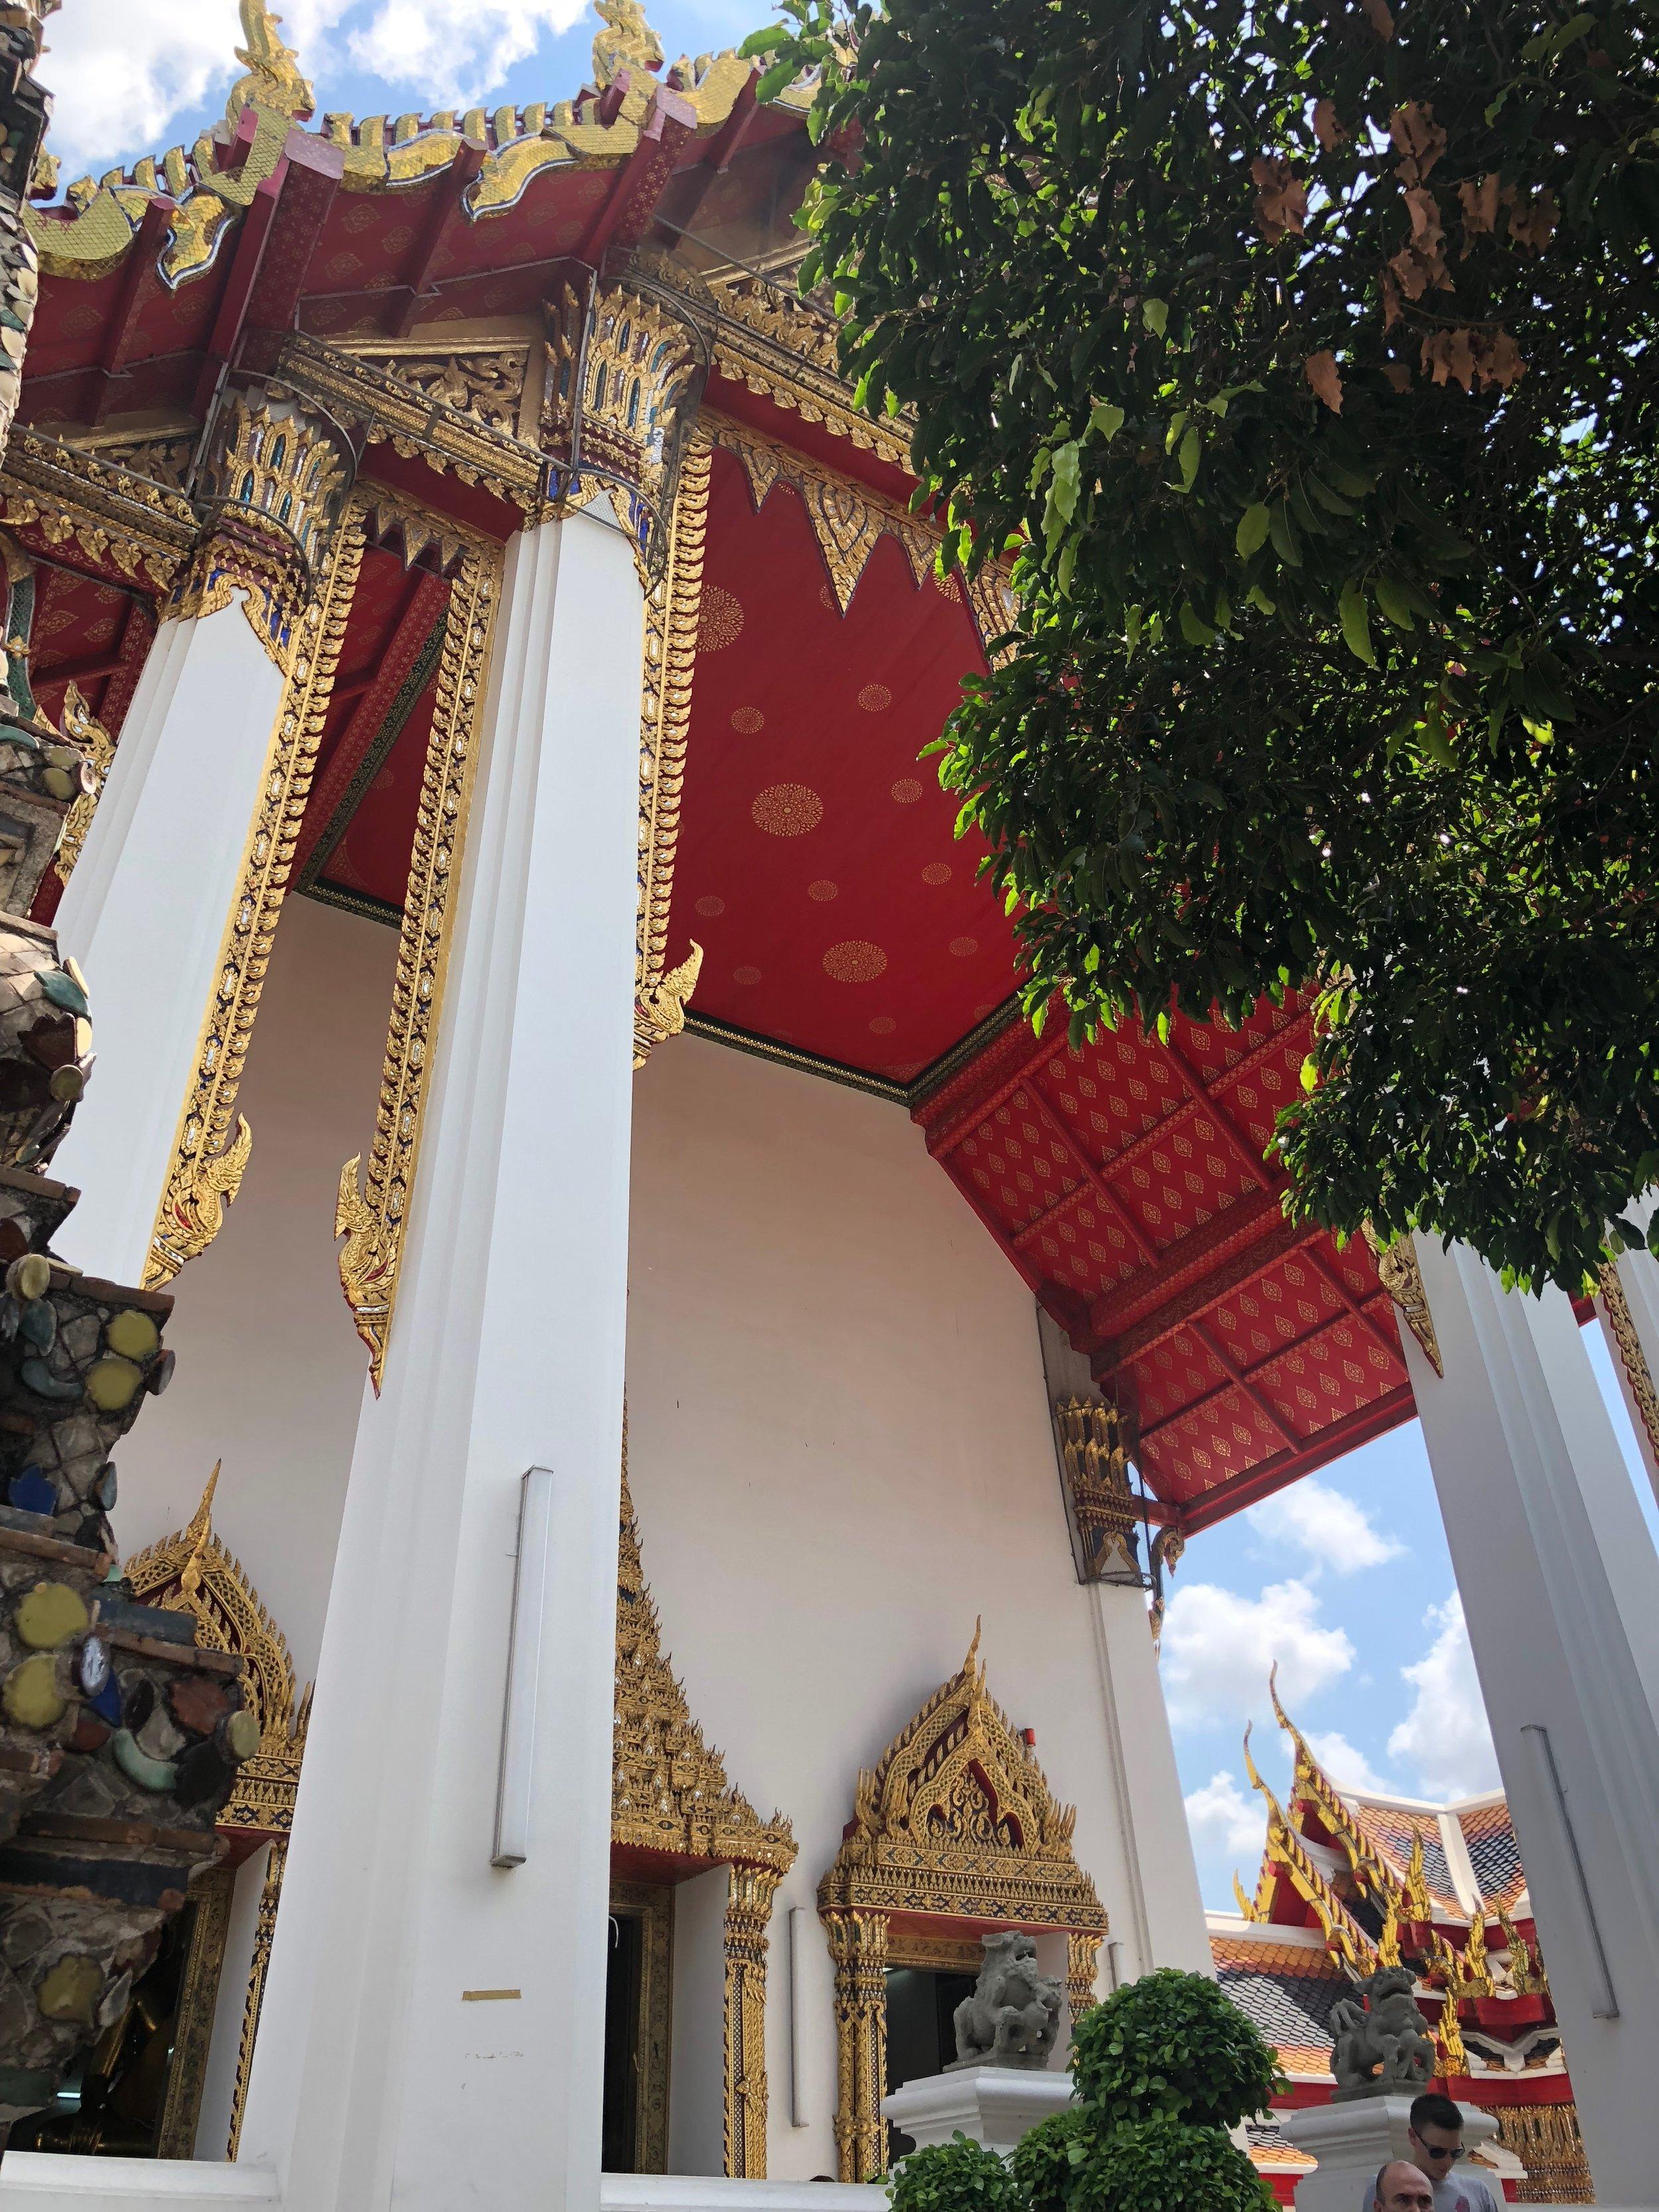 La entrada de la sala del Buda Reclinado.